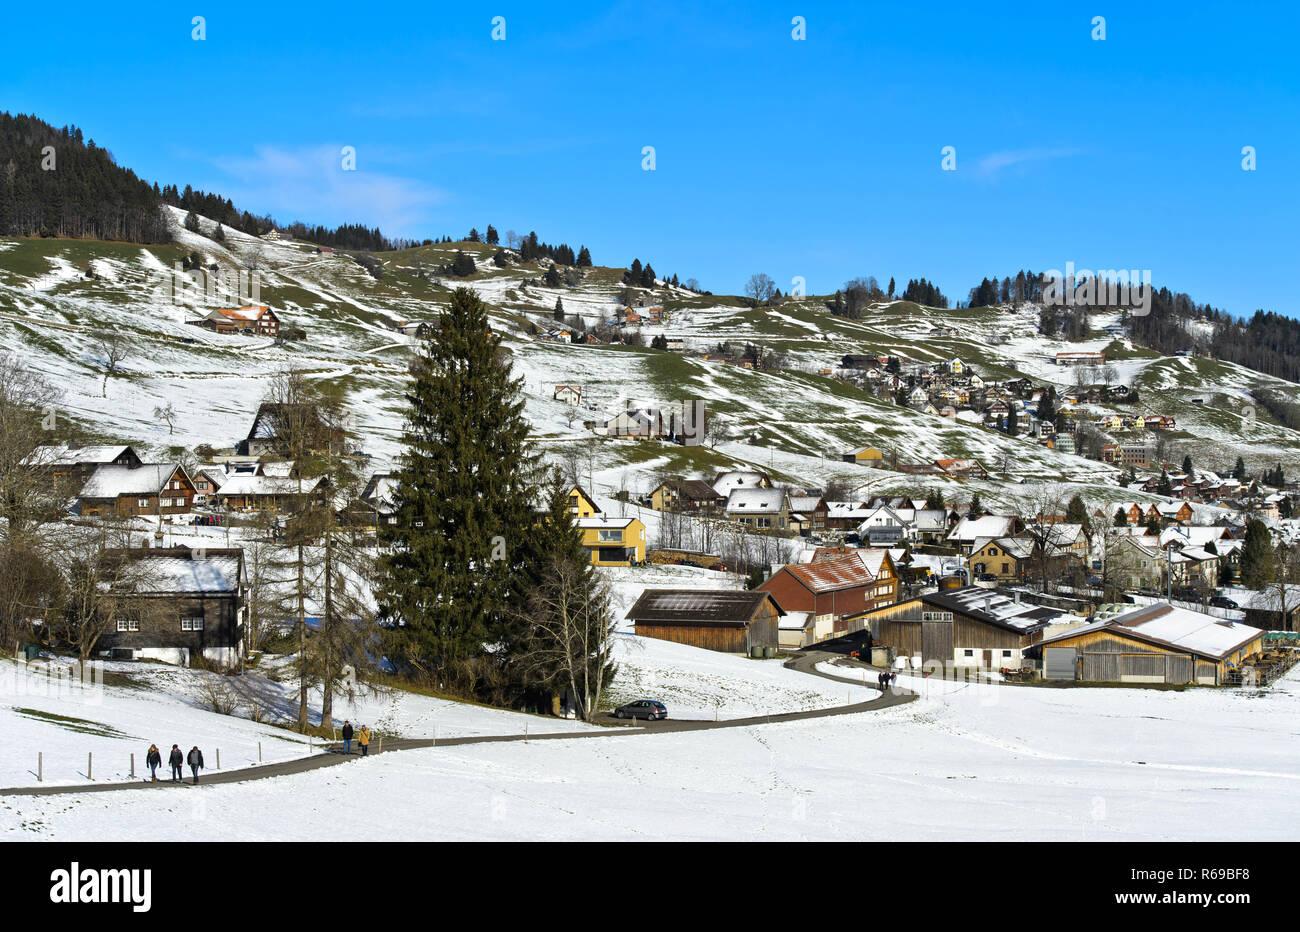 Bei Pre-Wintertime in Urnäsch, Kanton Appenzell Ausserrhoden, Schweiz Stockbild